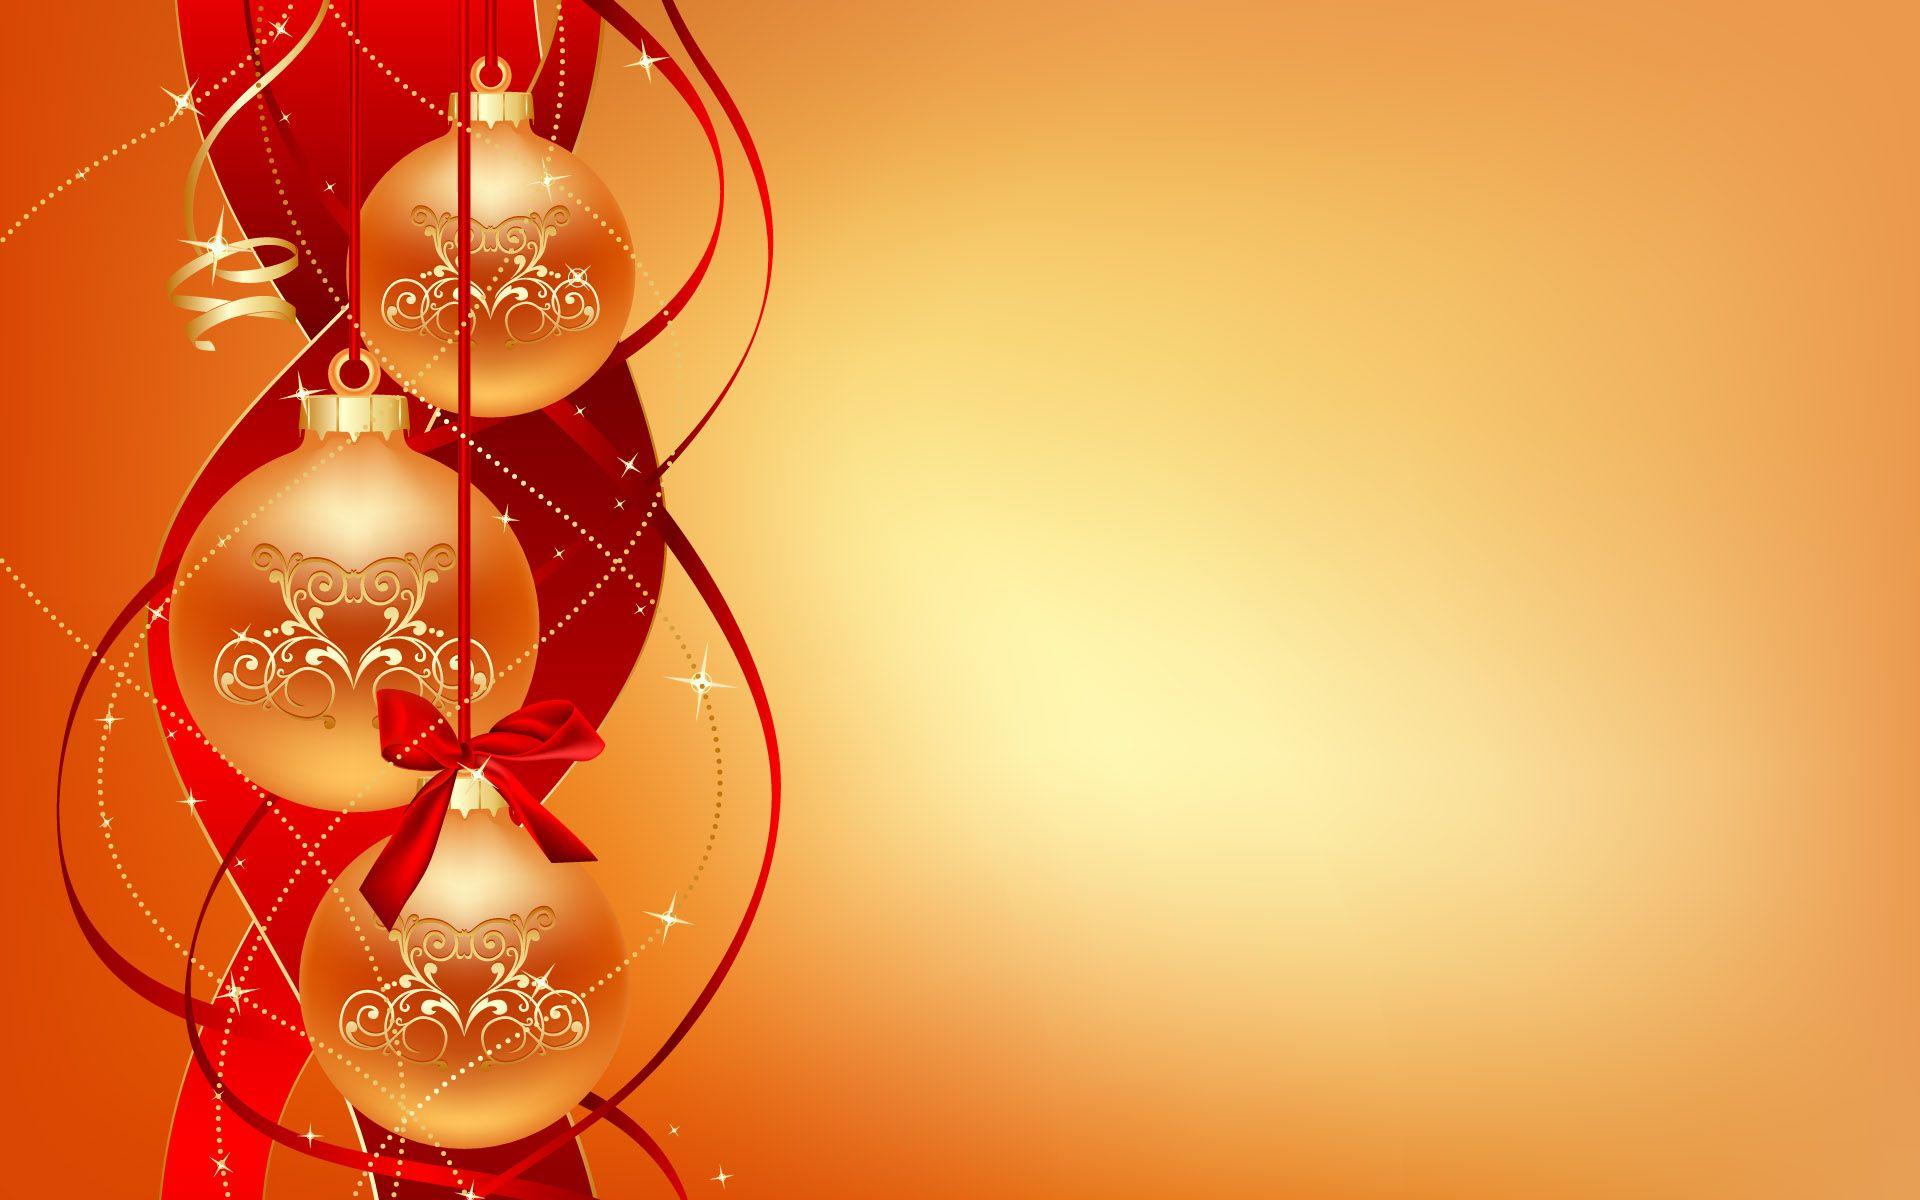 abstract christmas balls wallpaper hd - http://imashon/w